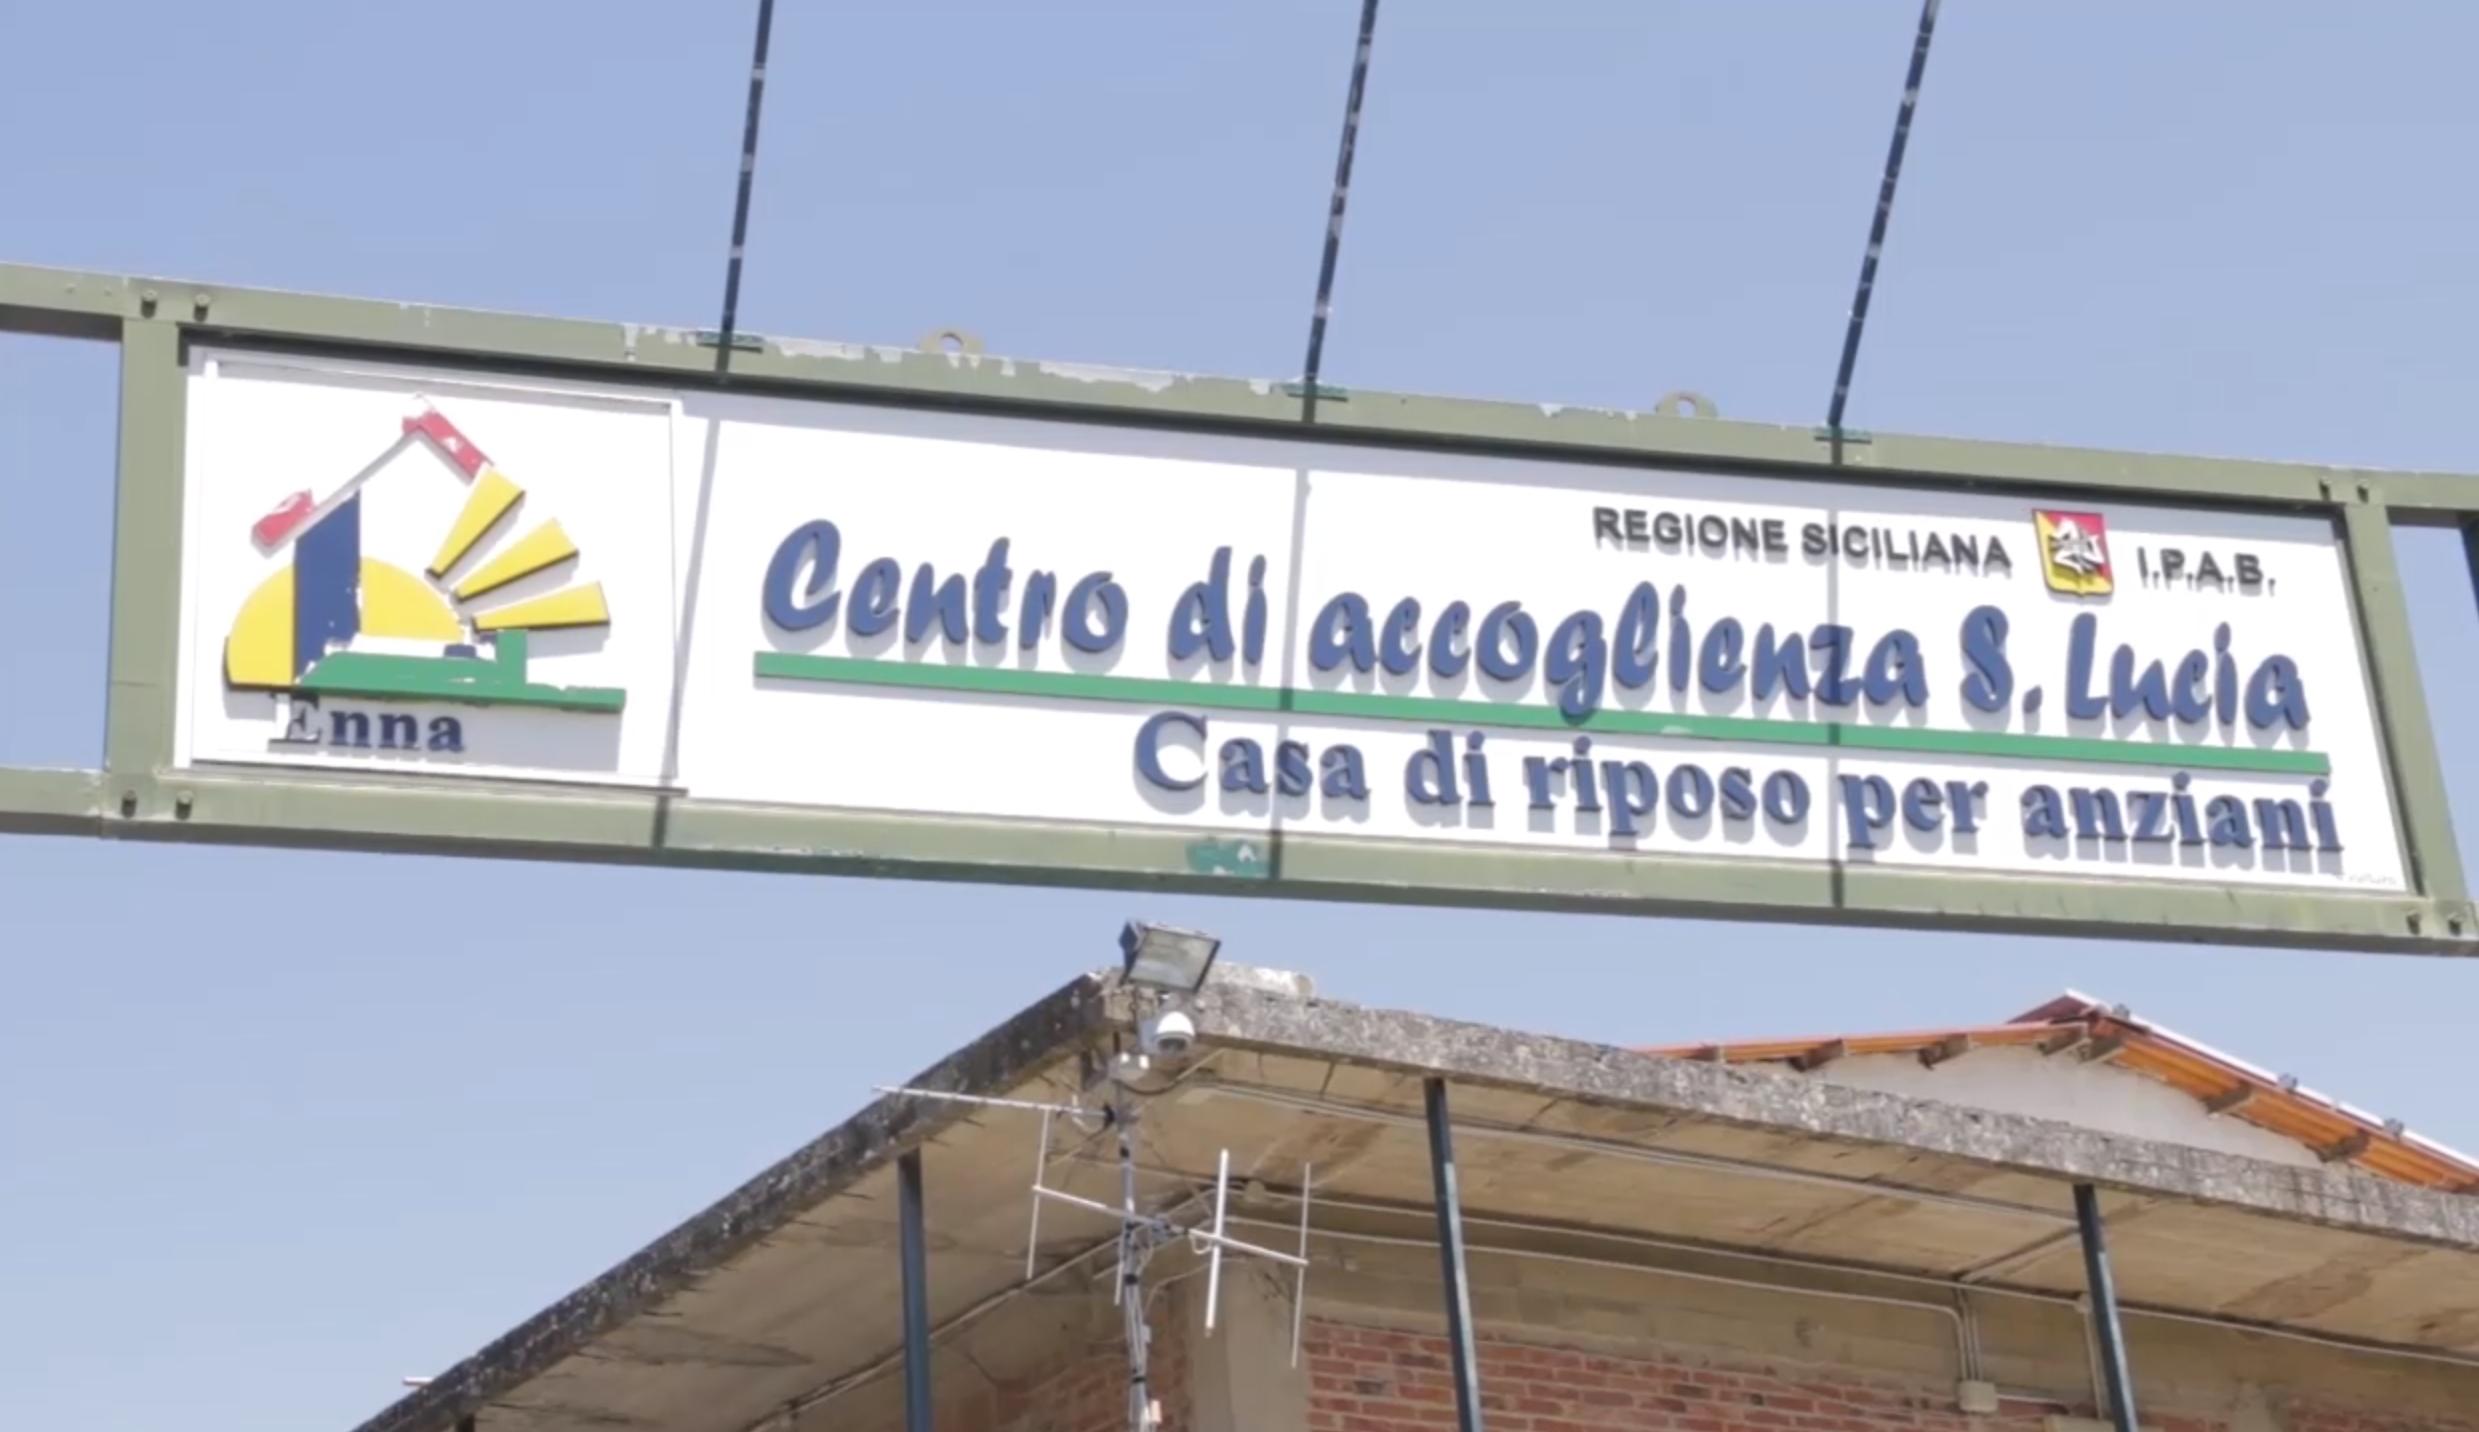 Al Centro Accoglienza Anziani S.Lucia di Enna bassa presentato il progetto 'Area Protetta'